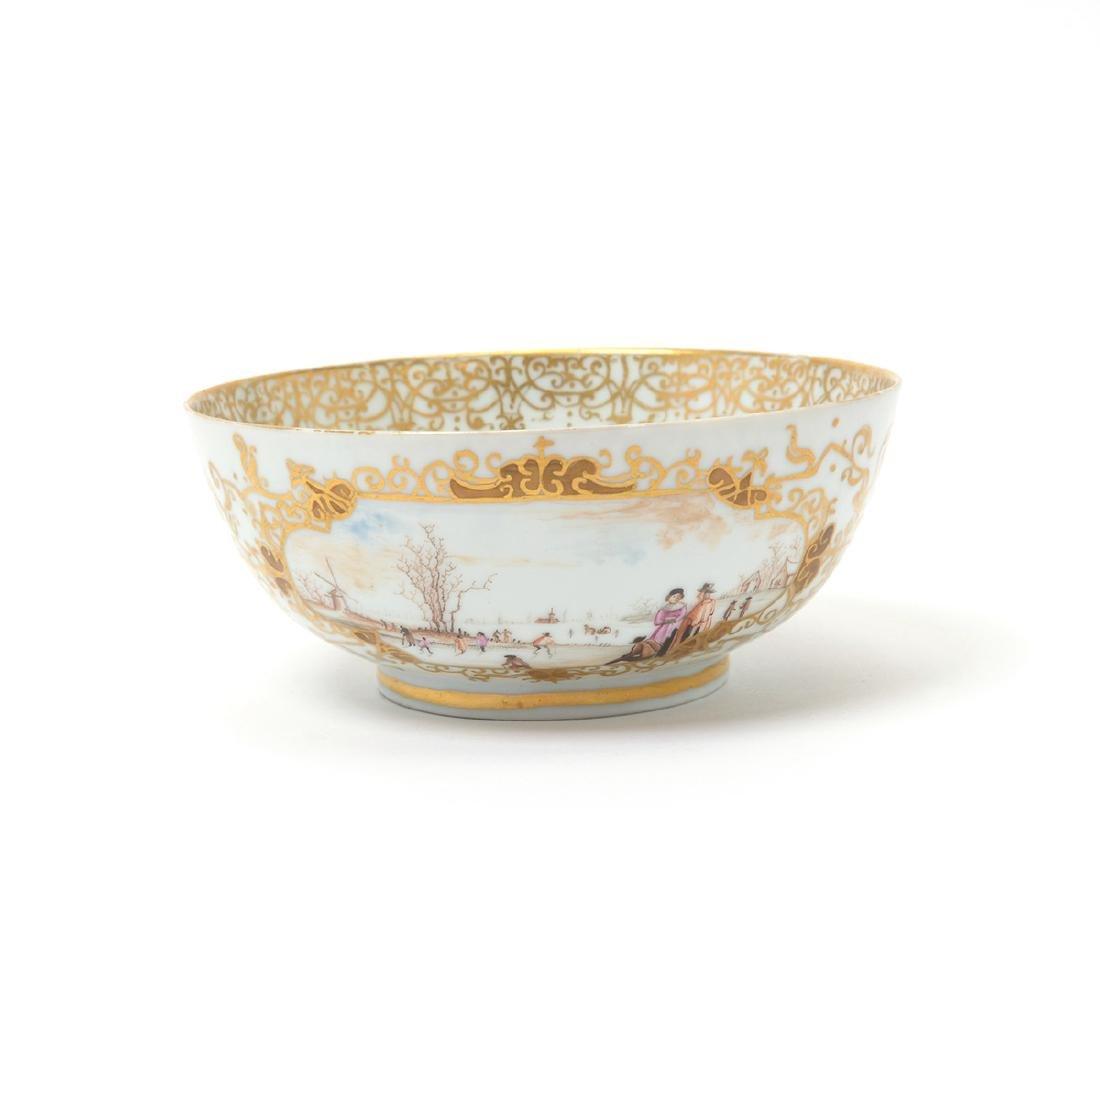 German Porcelain Bowl with Landscape Vignettes, 18th - 7